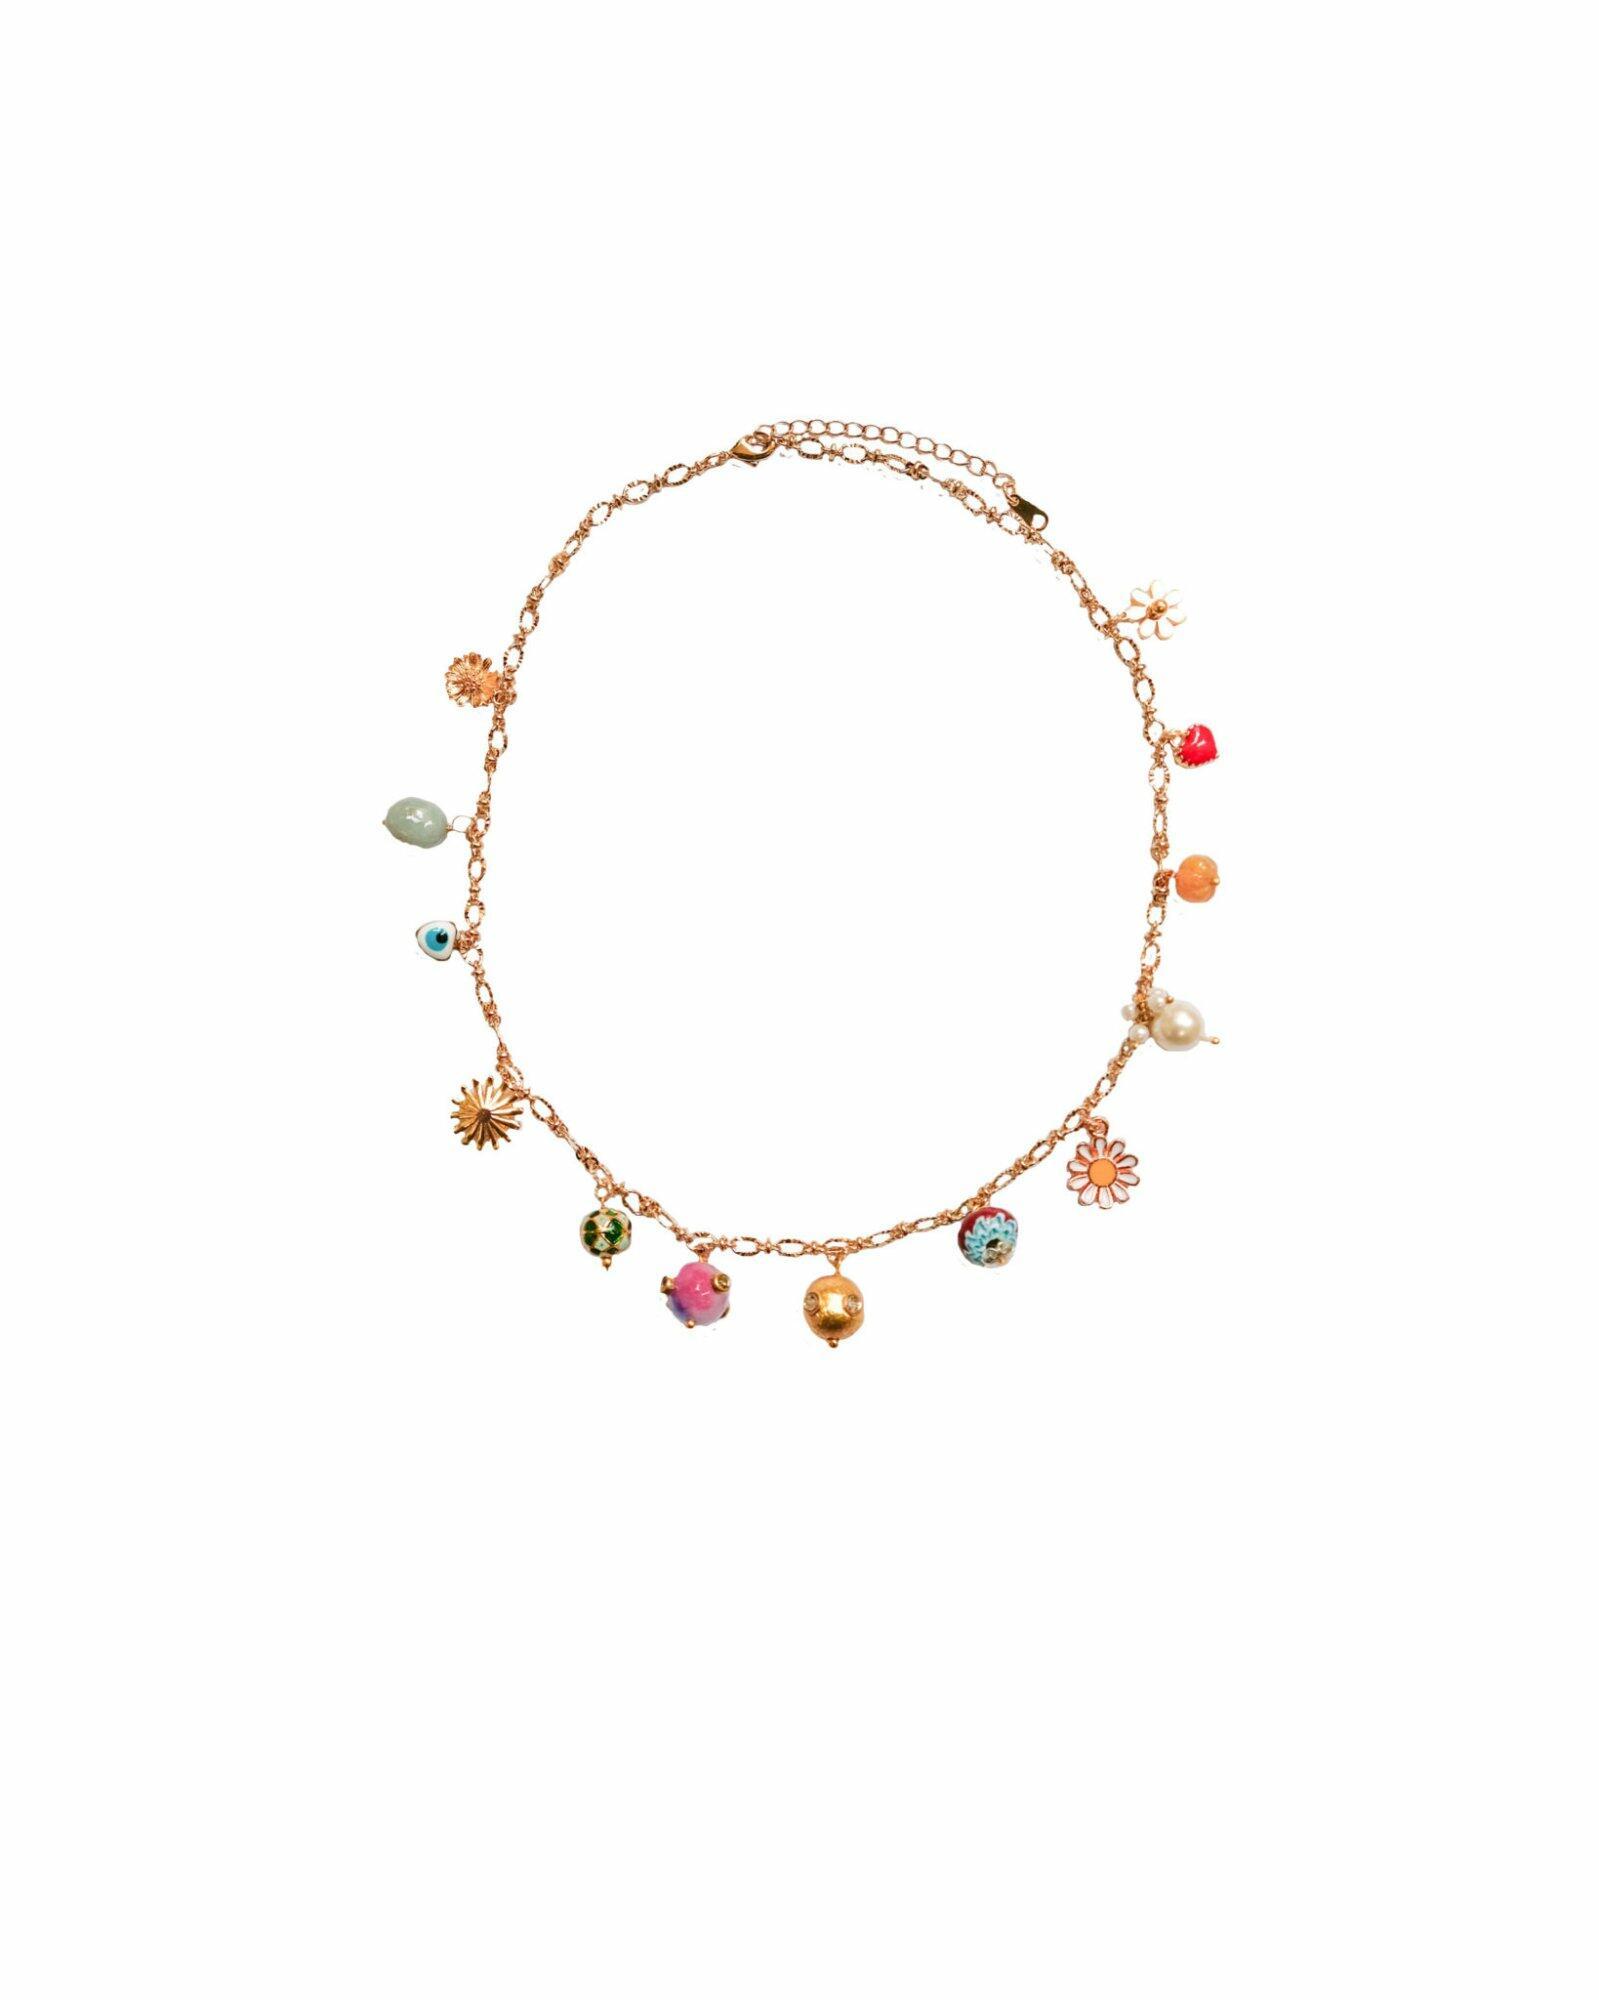 Gris Gris Short Chain Necklace